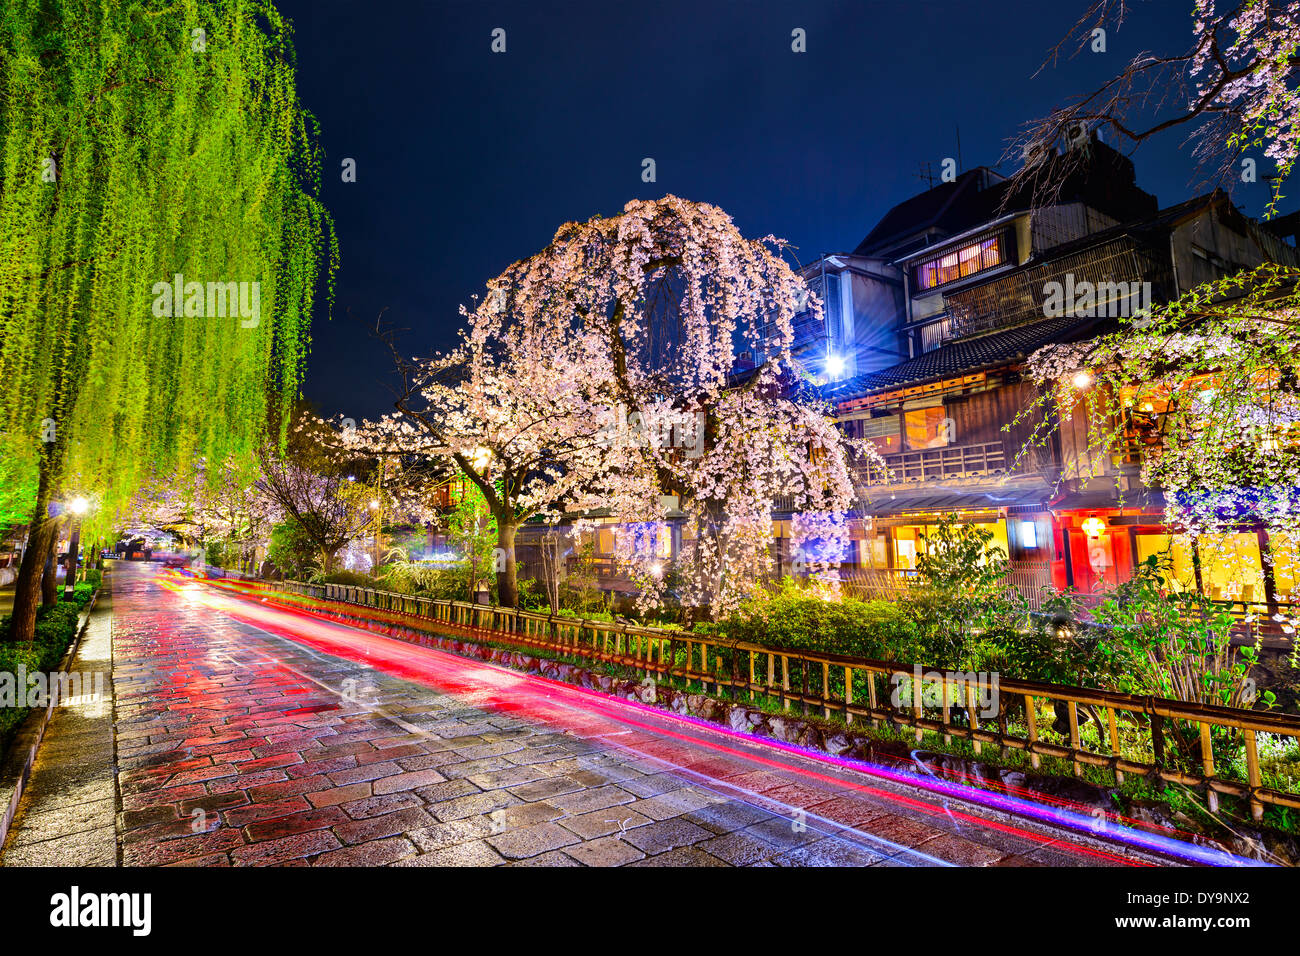 Kyoto, Japan im historischen Stadtteil Gion während der Frühjahrssaison. Stockbild